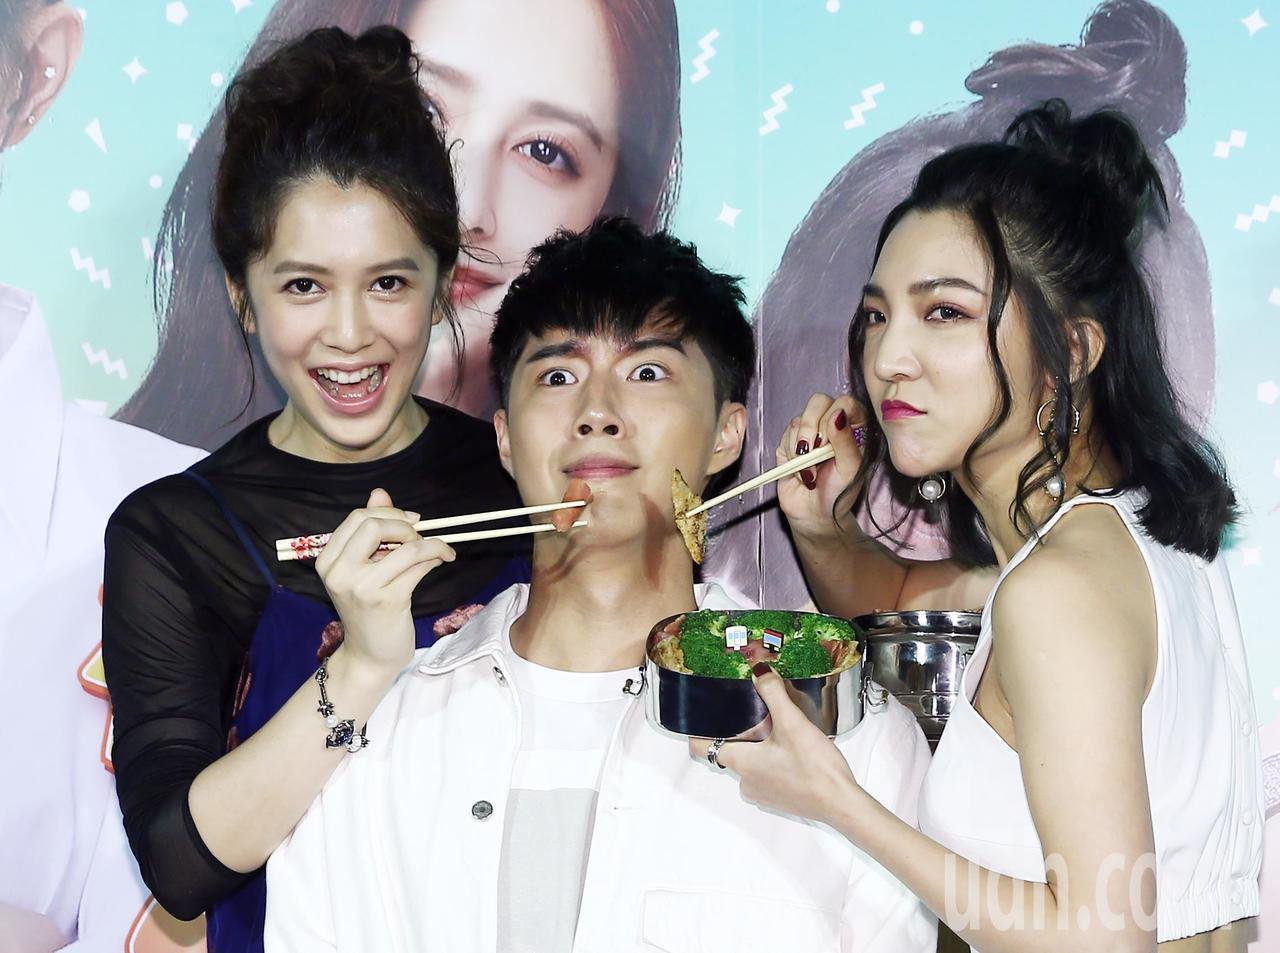 電影《有五個姊姊的我就註定要單身了啊》舉行記者會,片中飾演二姊的劉奕兒(左)、飾...